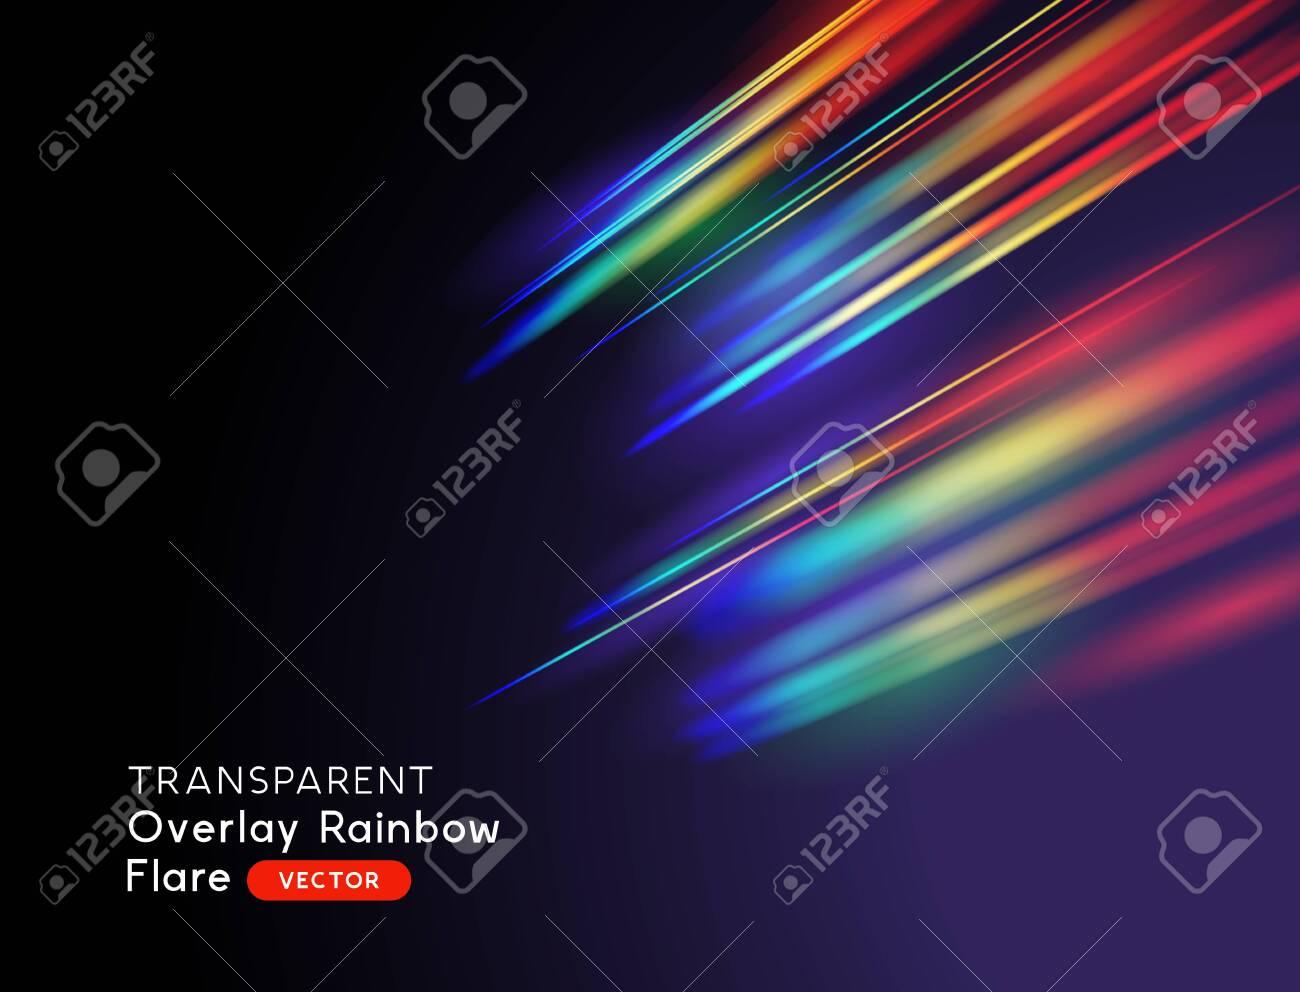 An optical lens rainbow flare effect. Vector illustration. - 139497431